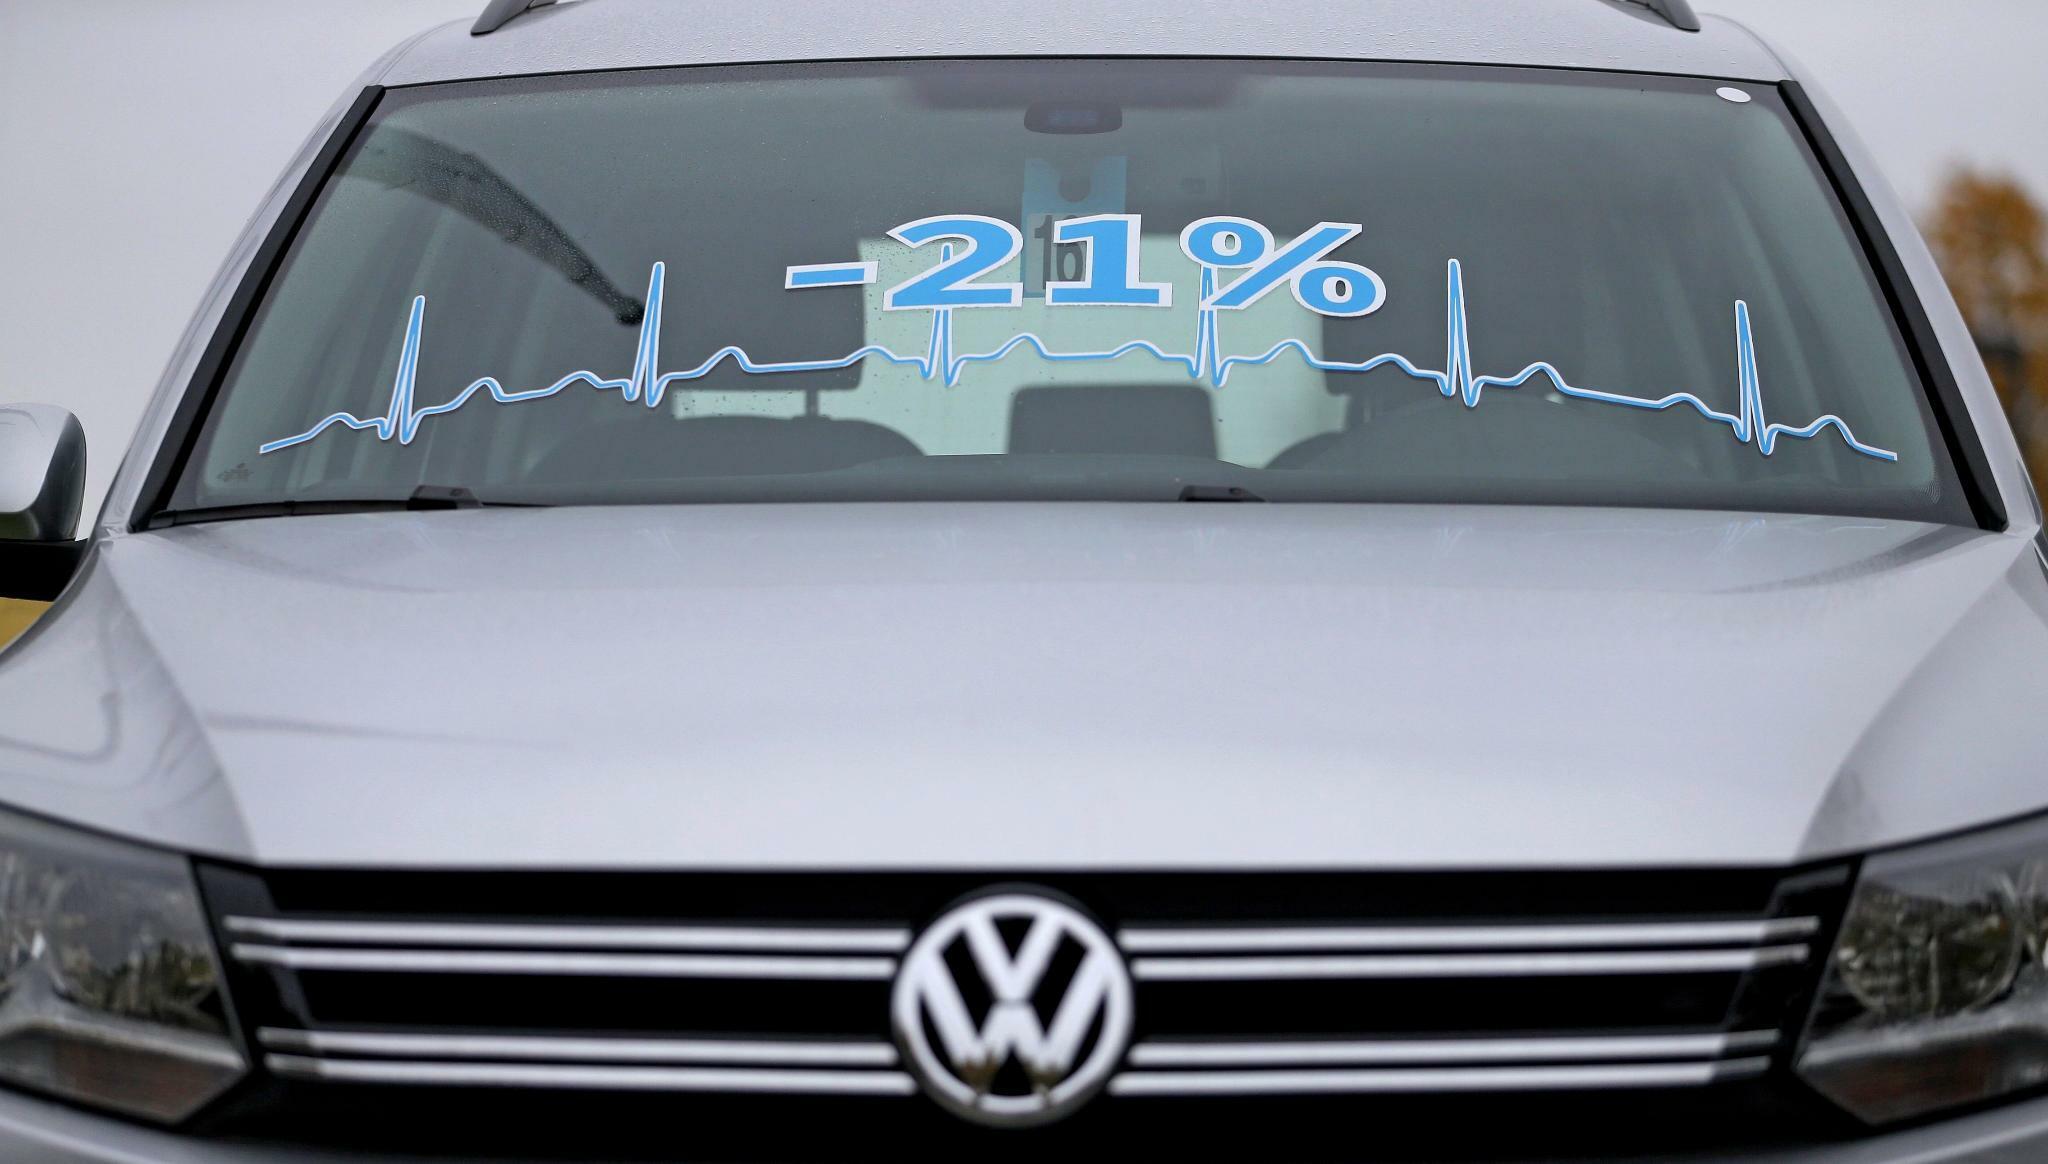 26b1582ae4a4cf Autobauer drücken neue Diesel mit Sonder-Rabatt in den Markt